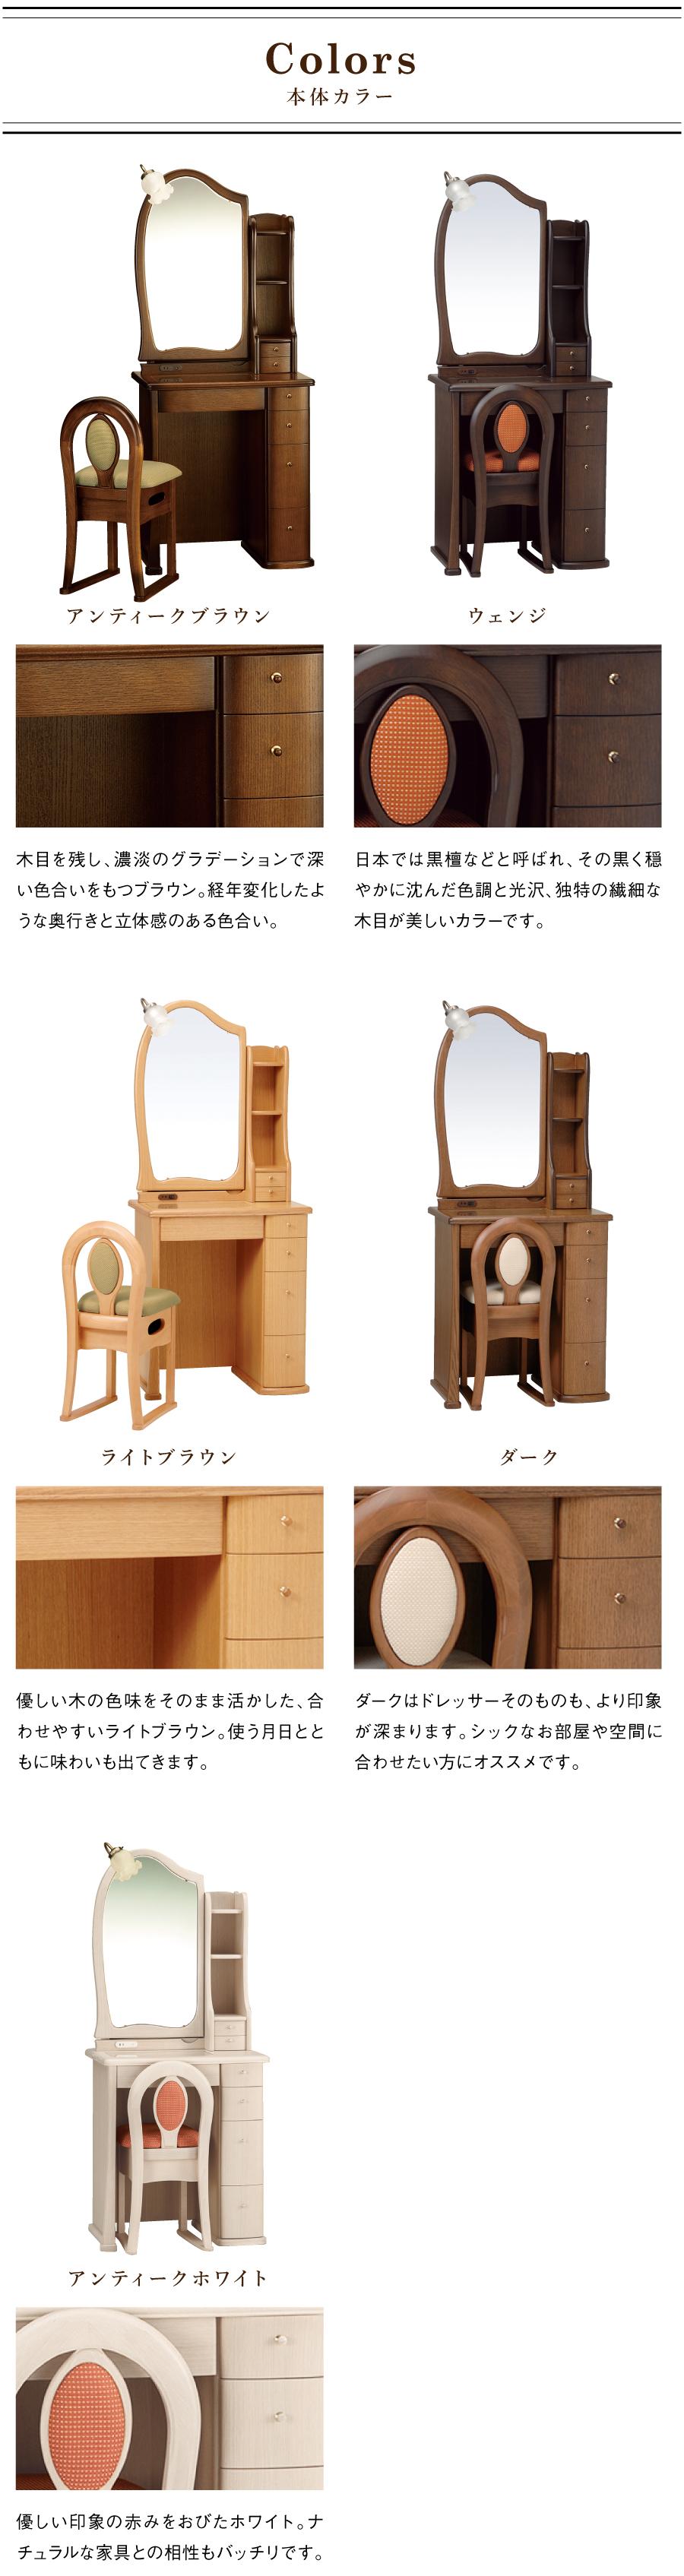 アンティークドレッサーlulucute(ルルキュート) 一面大容量収納/椅子セット。